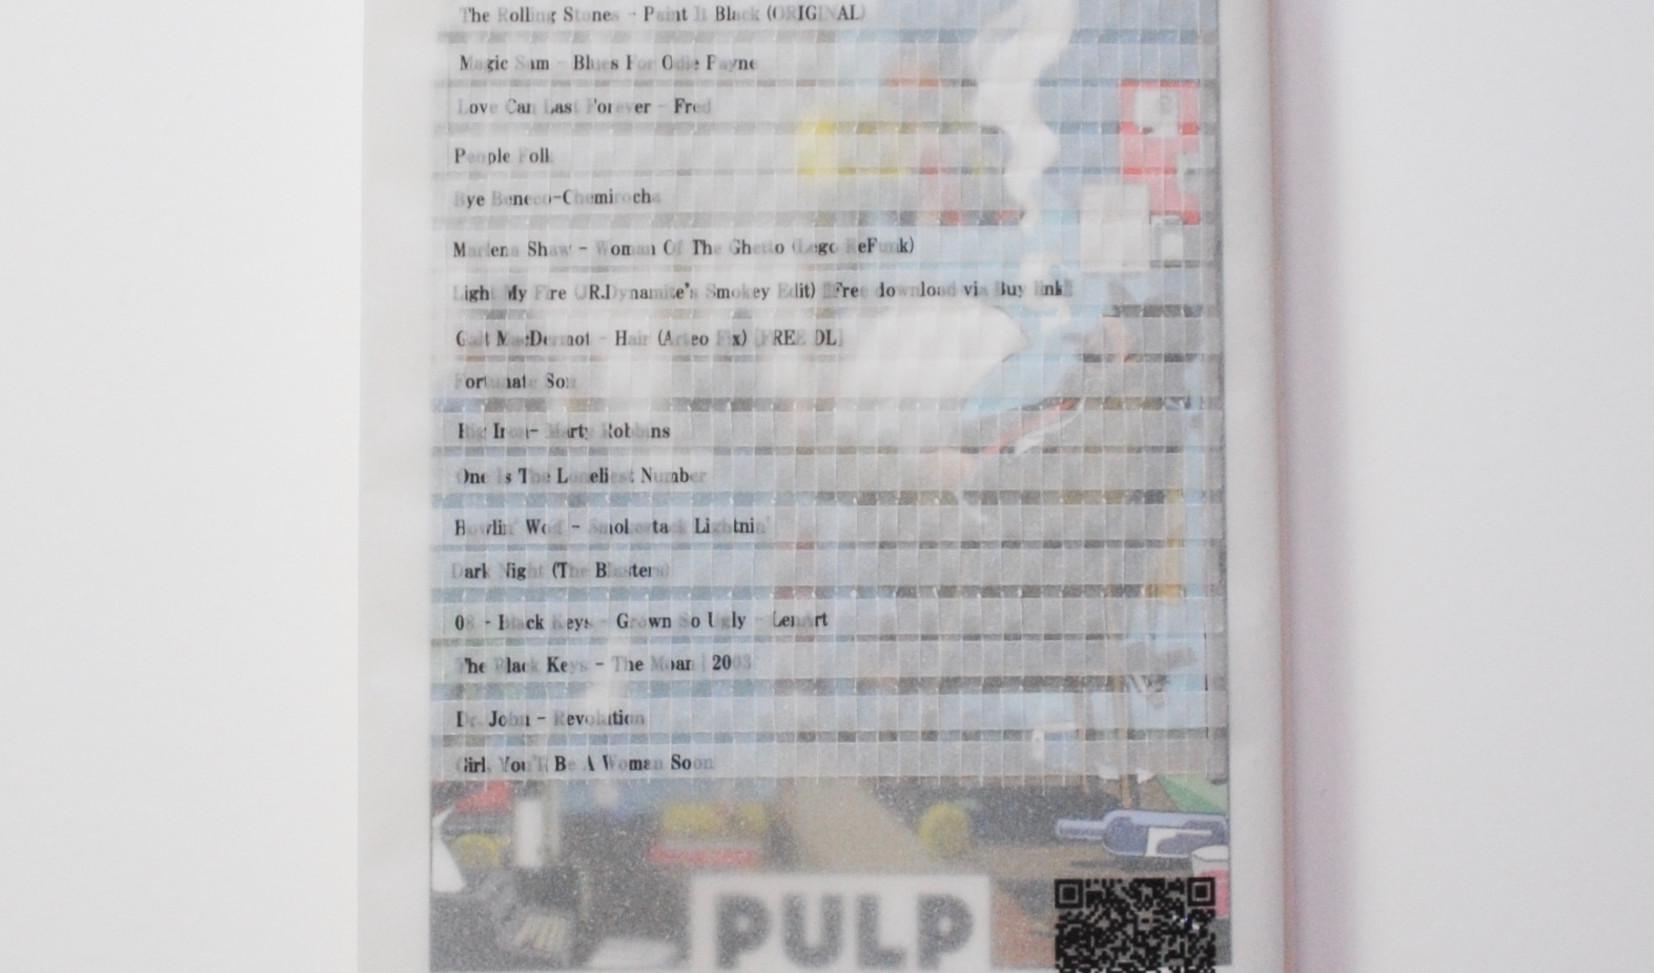 パルプのためのプレイリスト   cobird / コバード